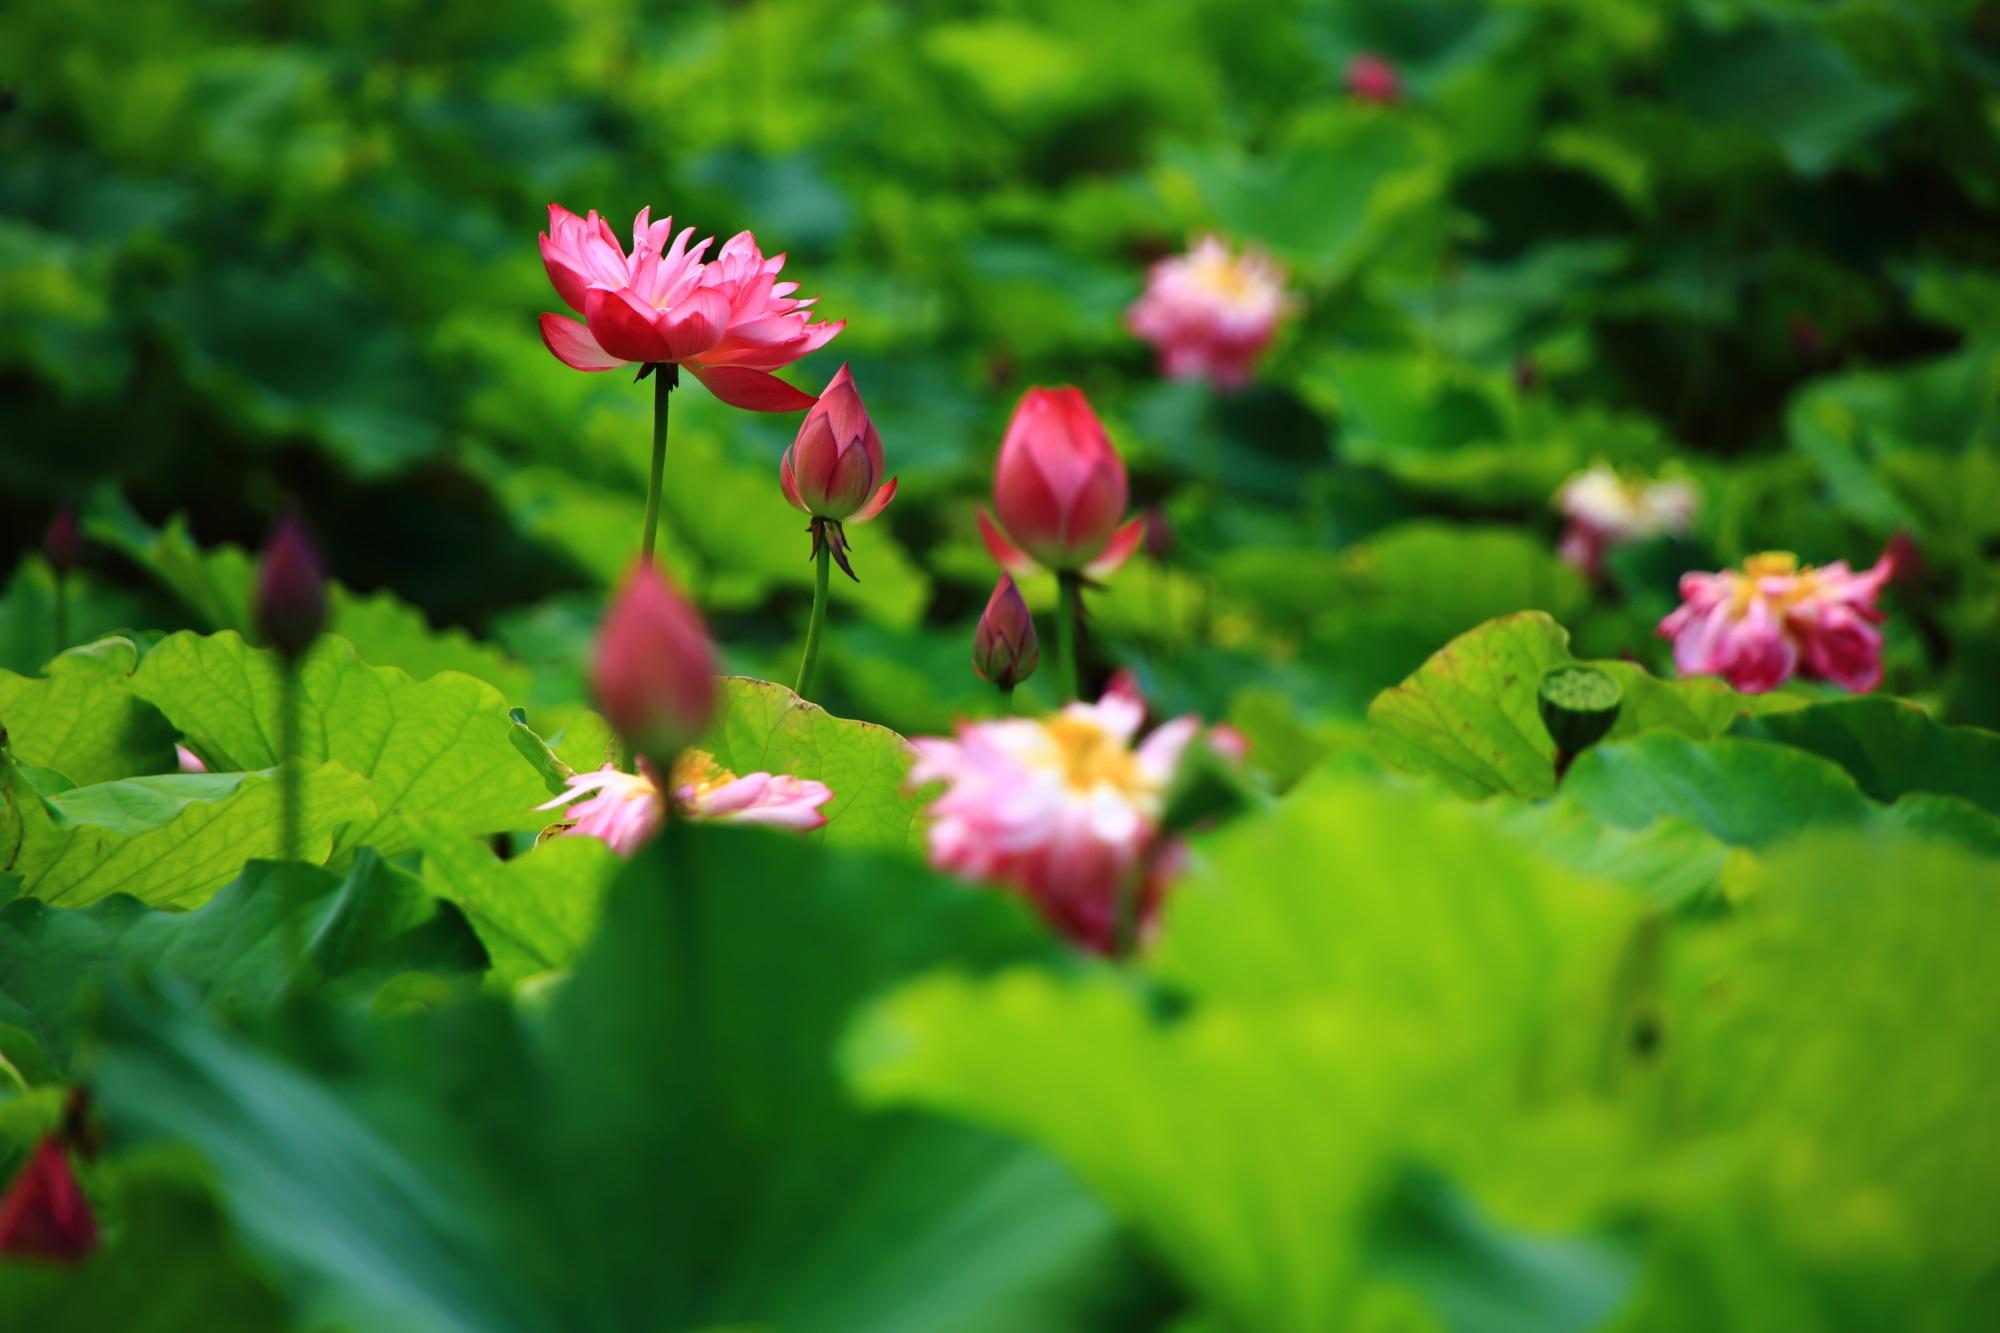 氷室池の緑の中で輝くピンクの蓮の花